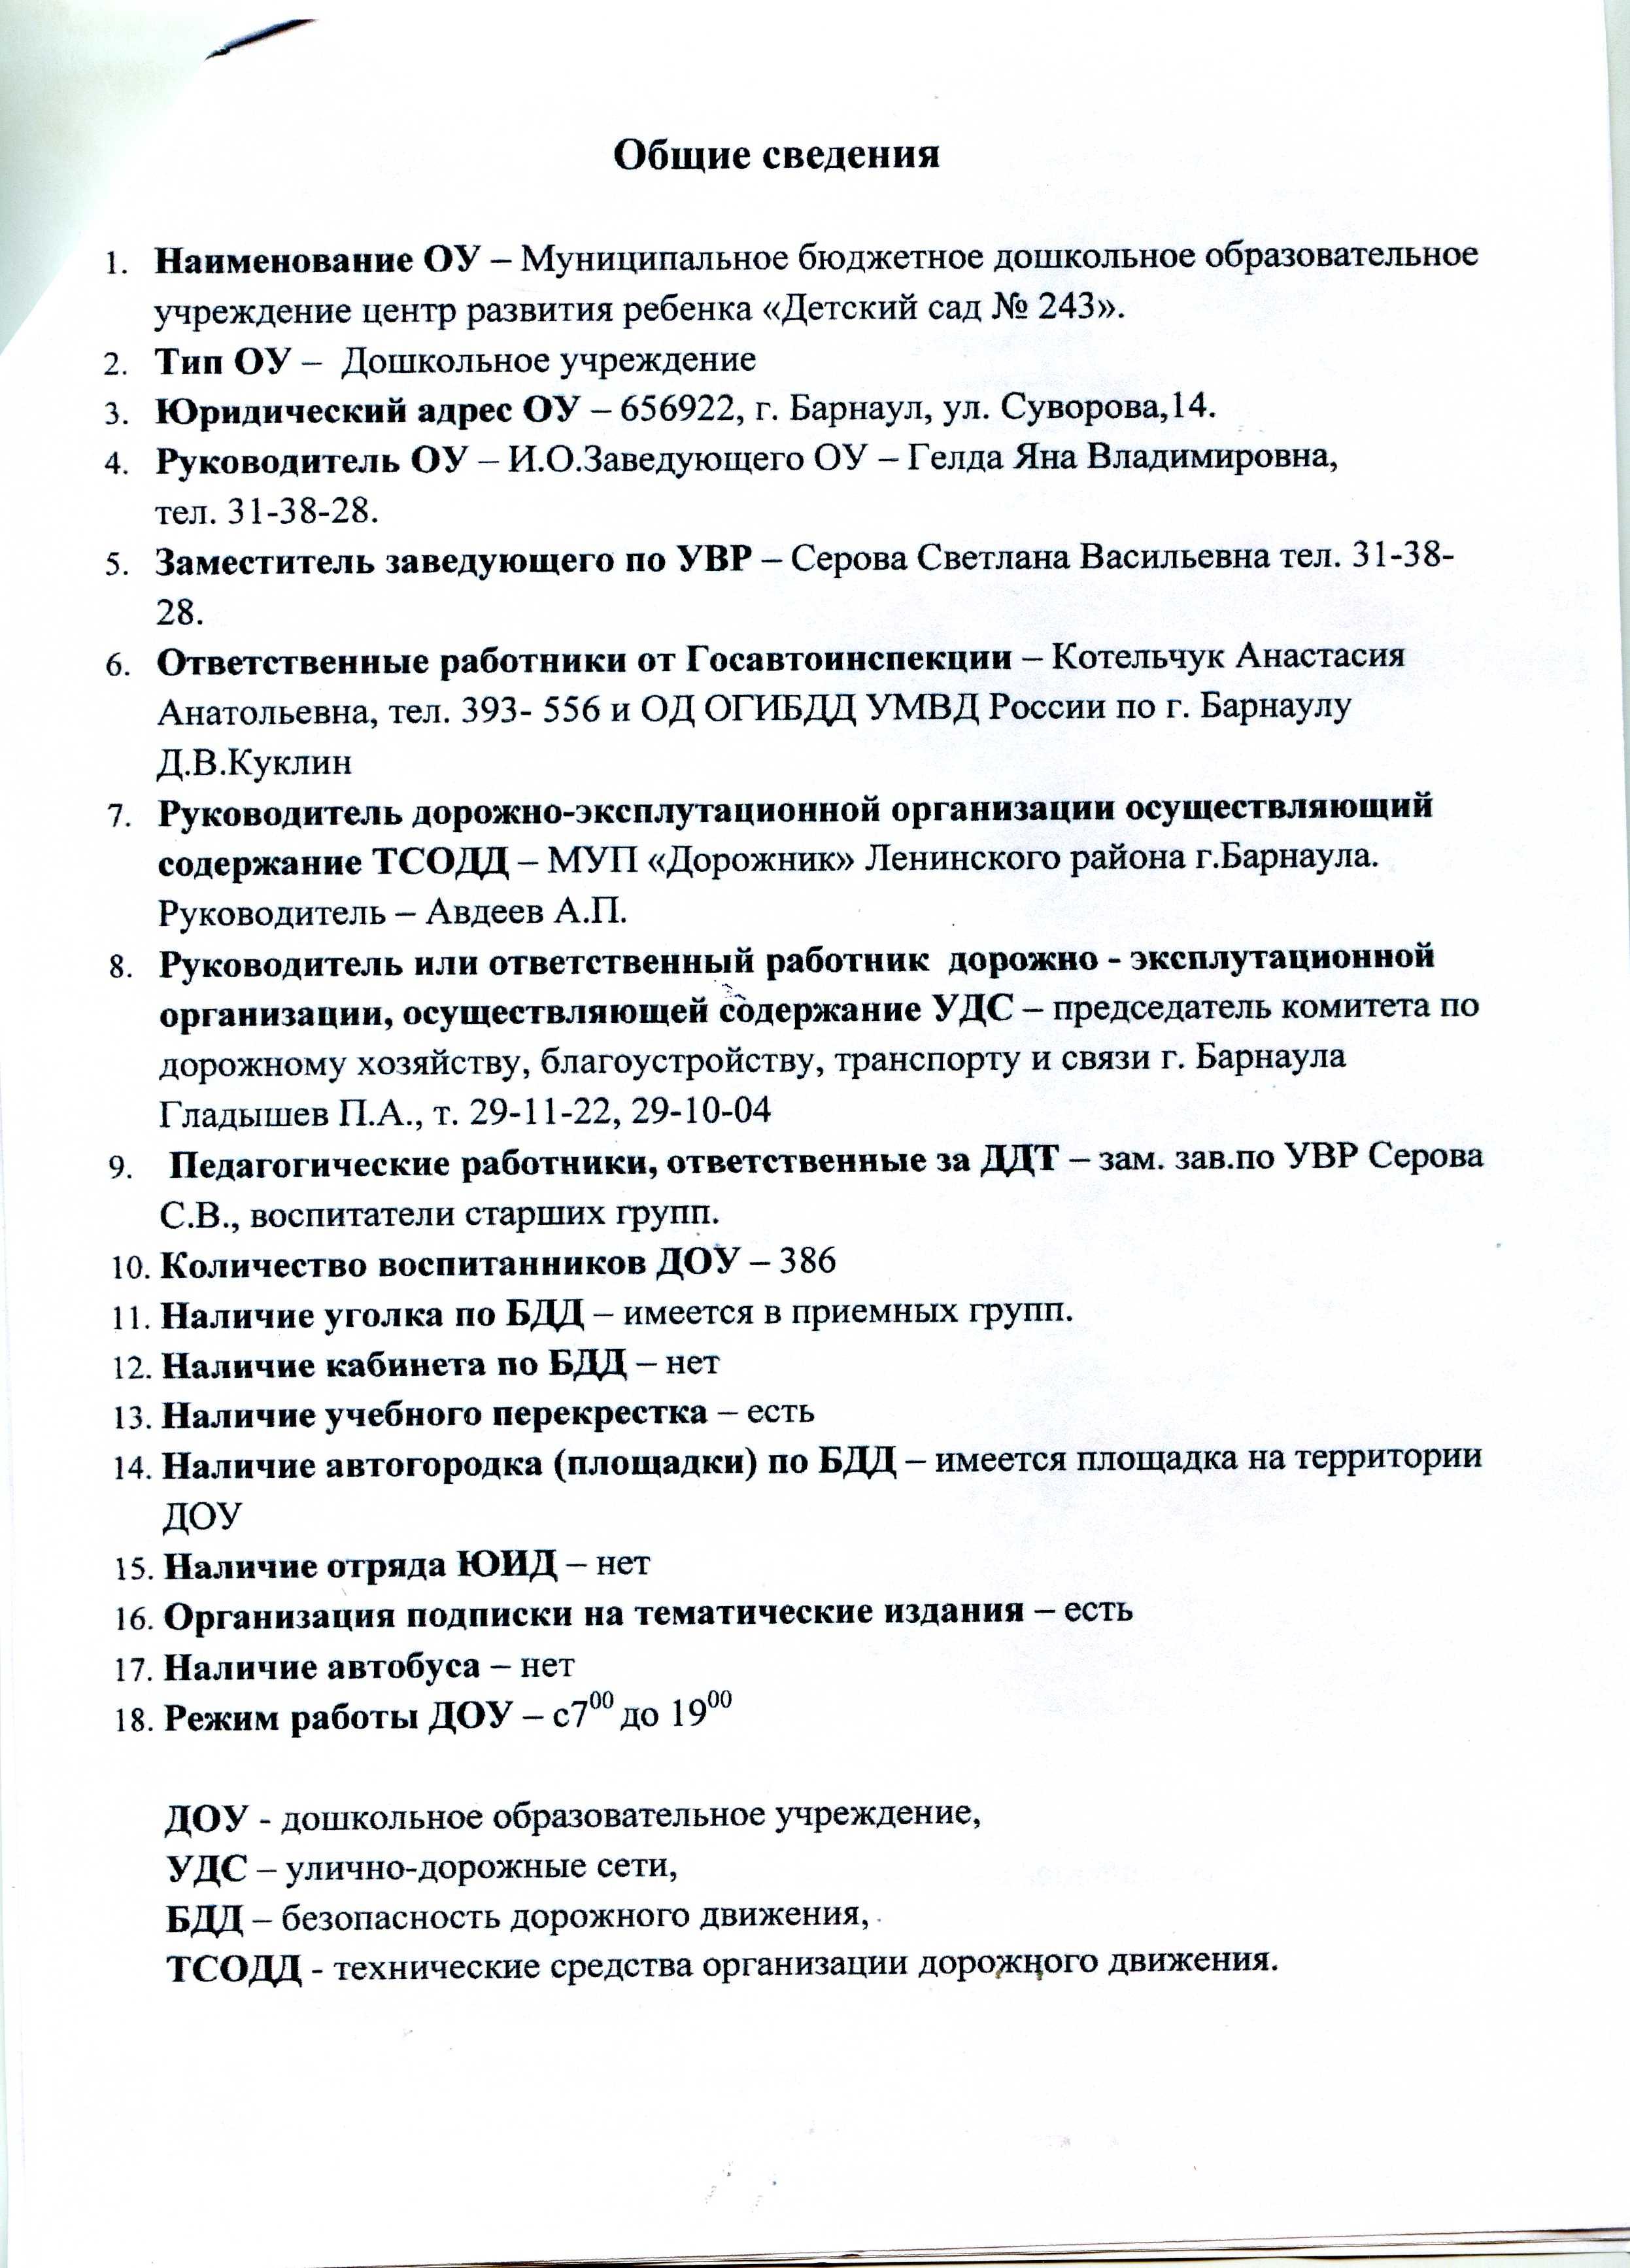 Общие сведения МБДОУ, касающиеся безопасности дорожного движения